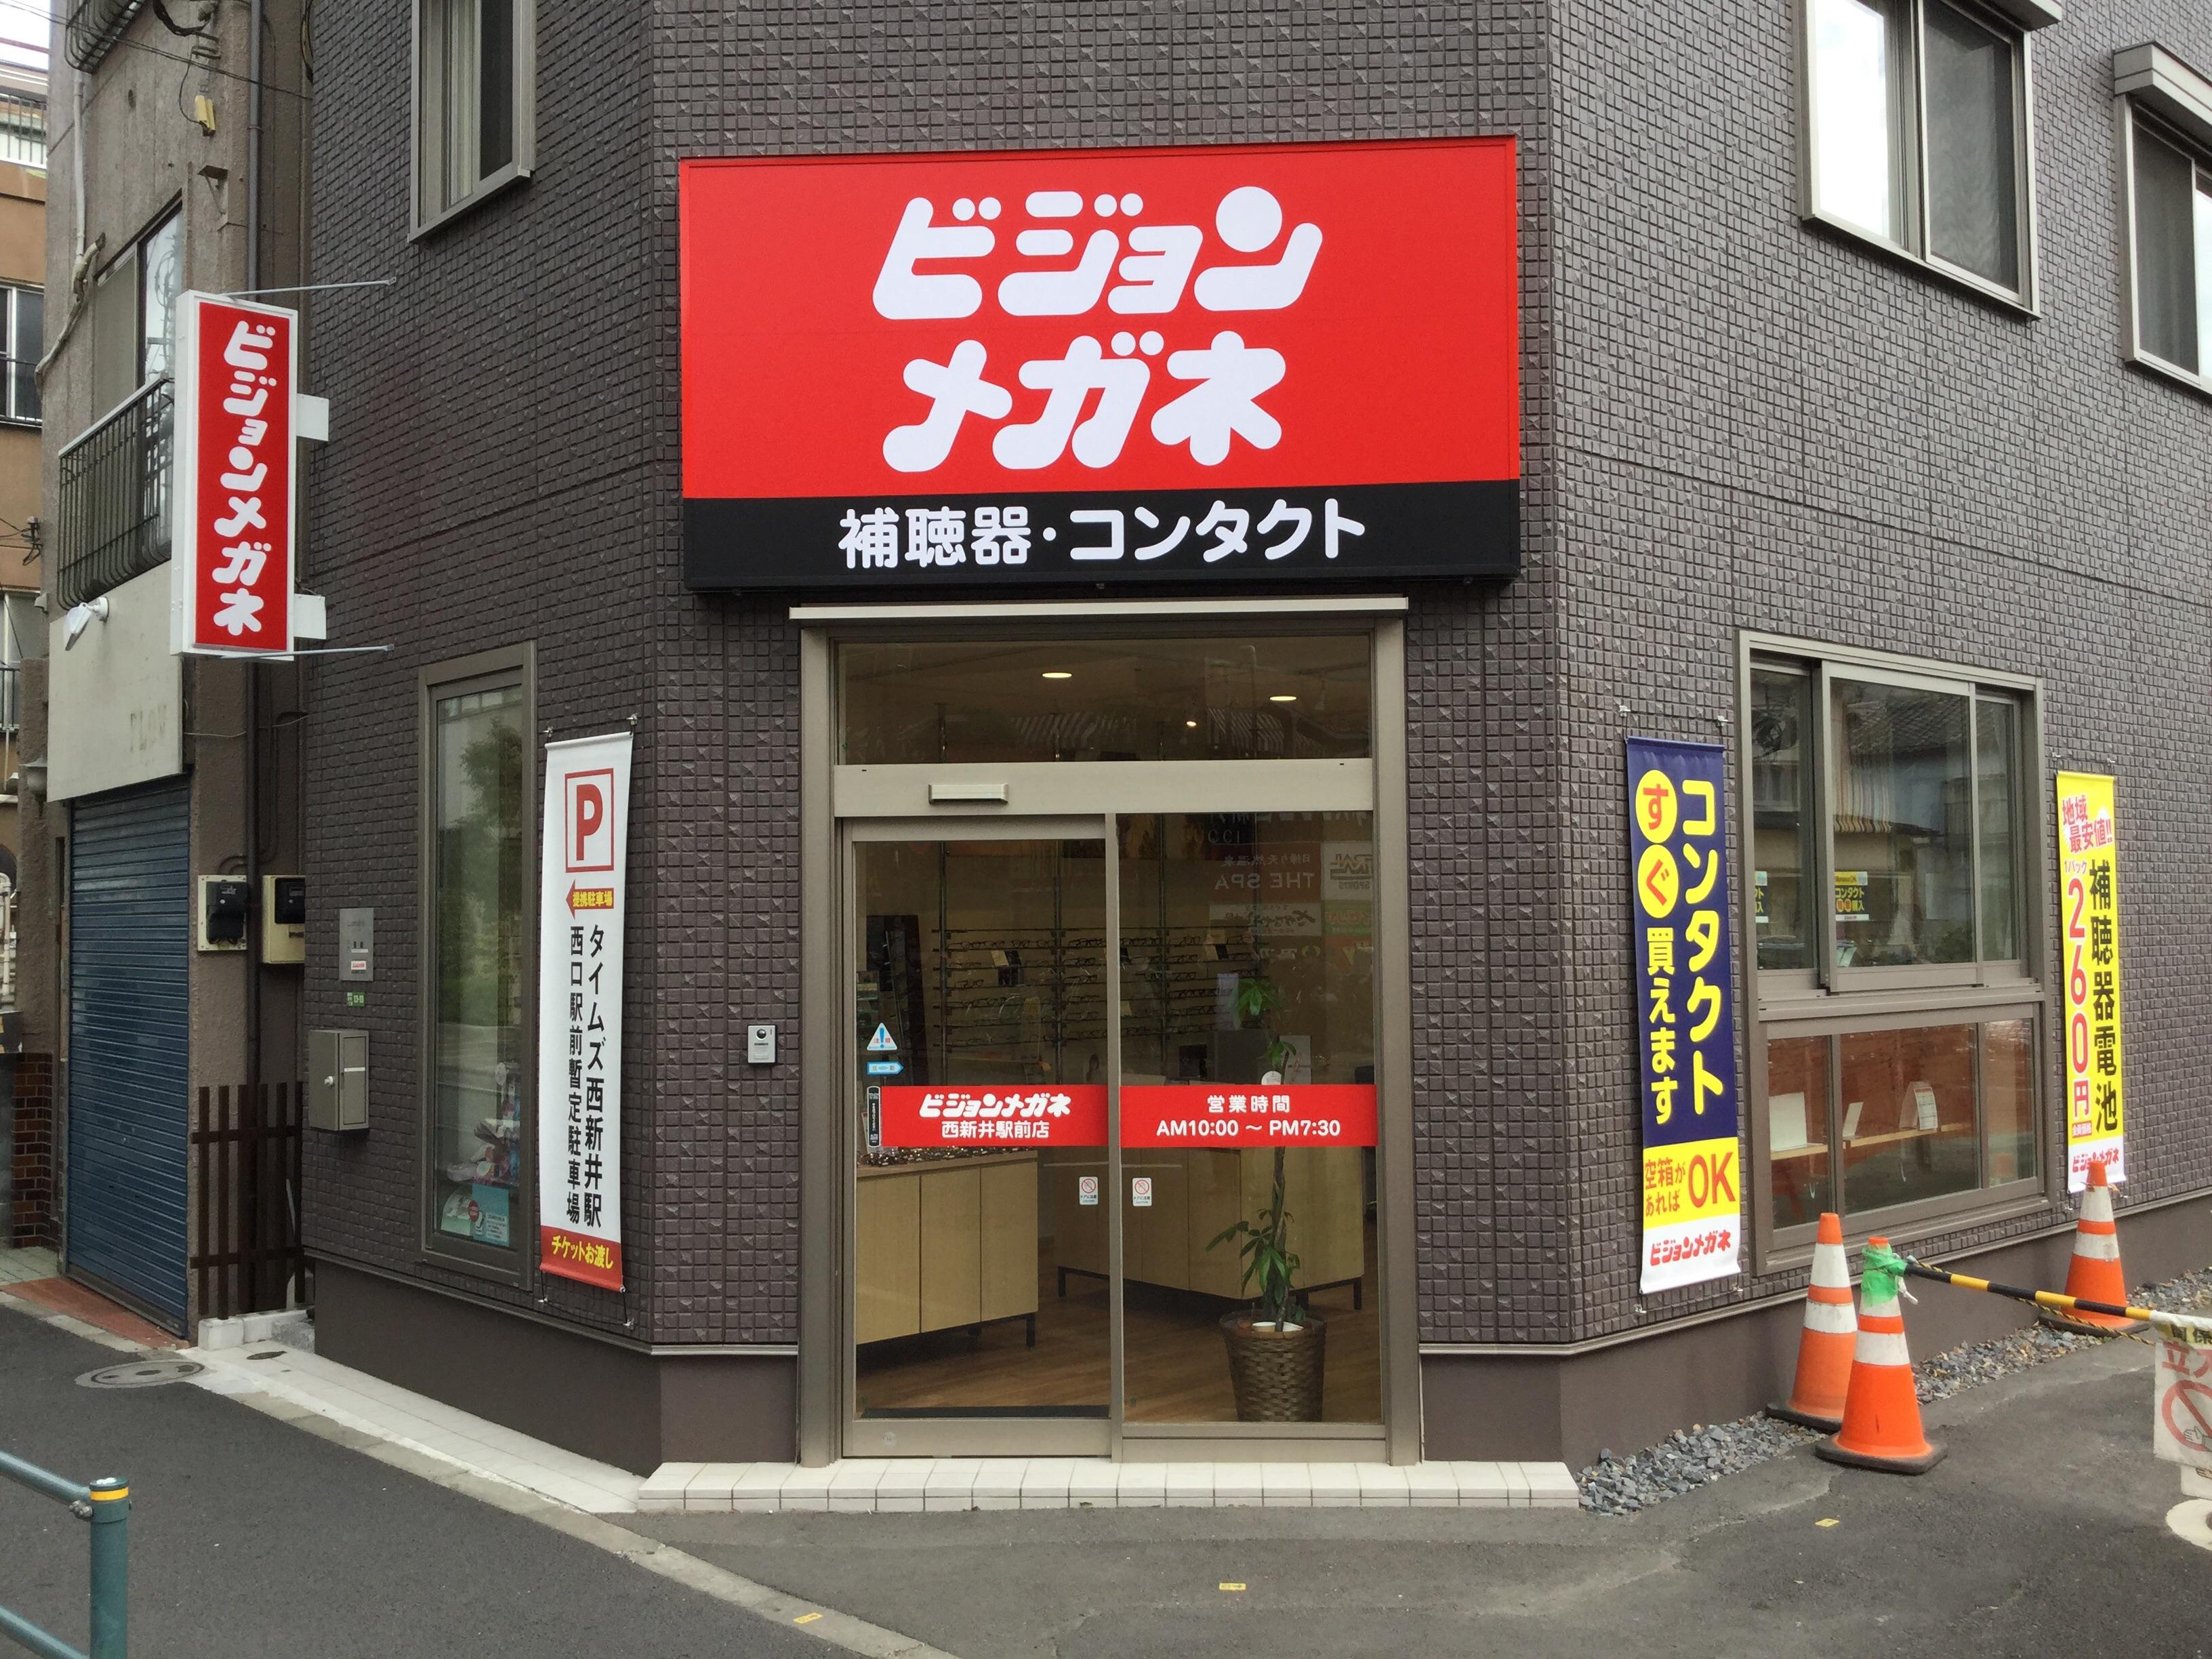 ビジョンメガネ 西新井駅前店画像1